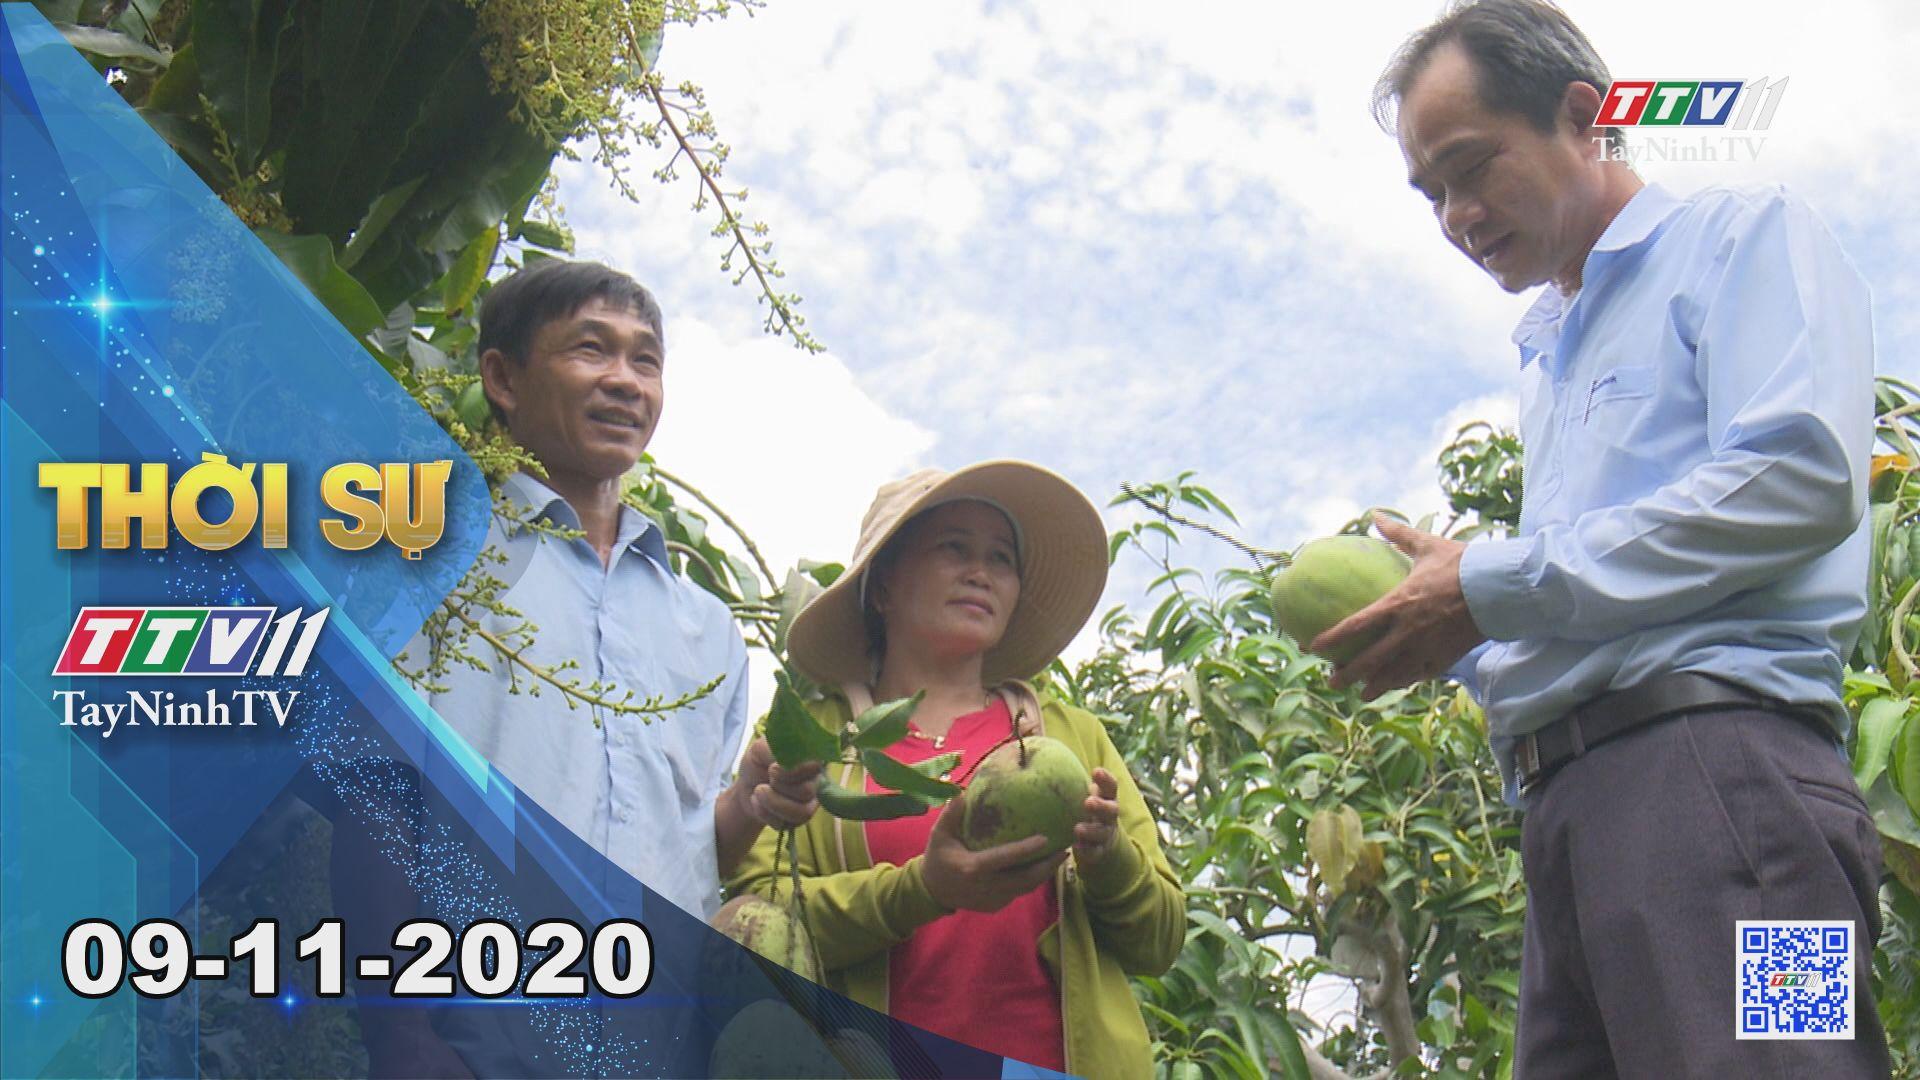 Thời sự Tây Ninh 09-11-2020 | Tin tức hôm nay | TayNinhTV